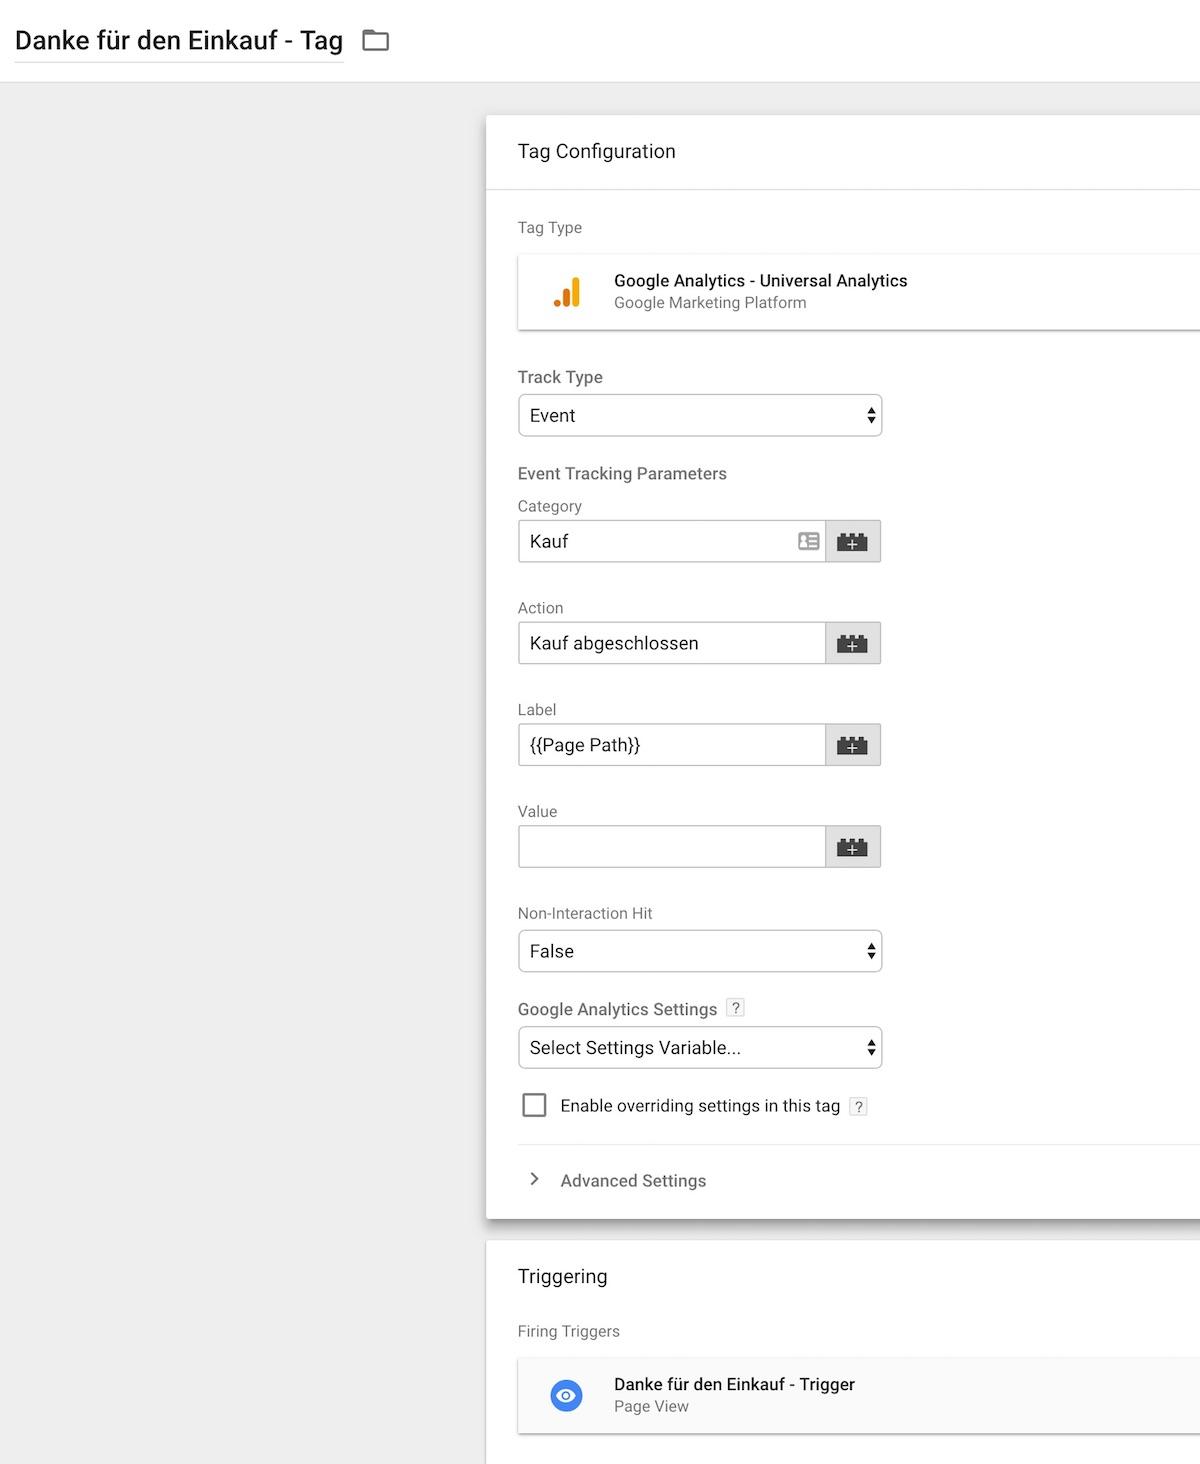 danke für den Einkauf Tag - google Tag Manager Events und Goal tracking